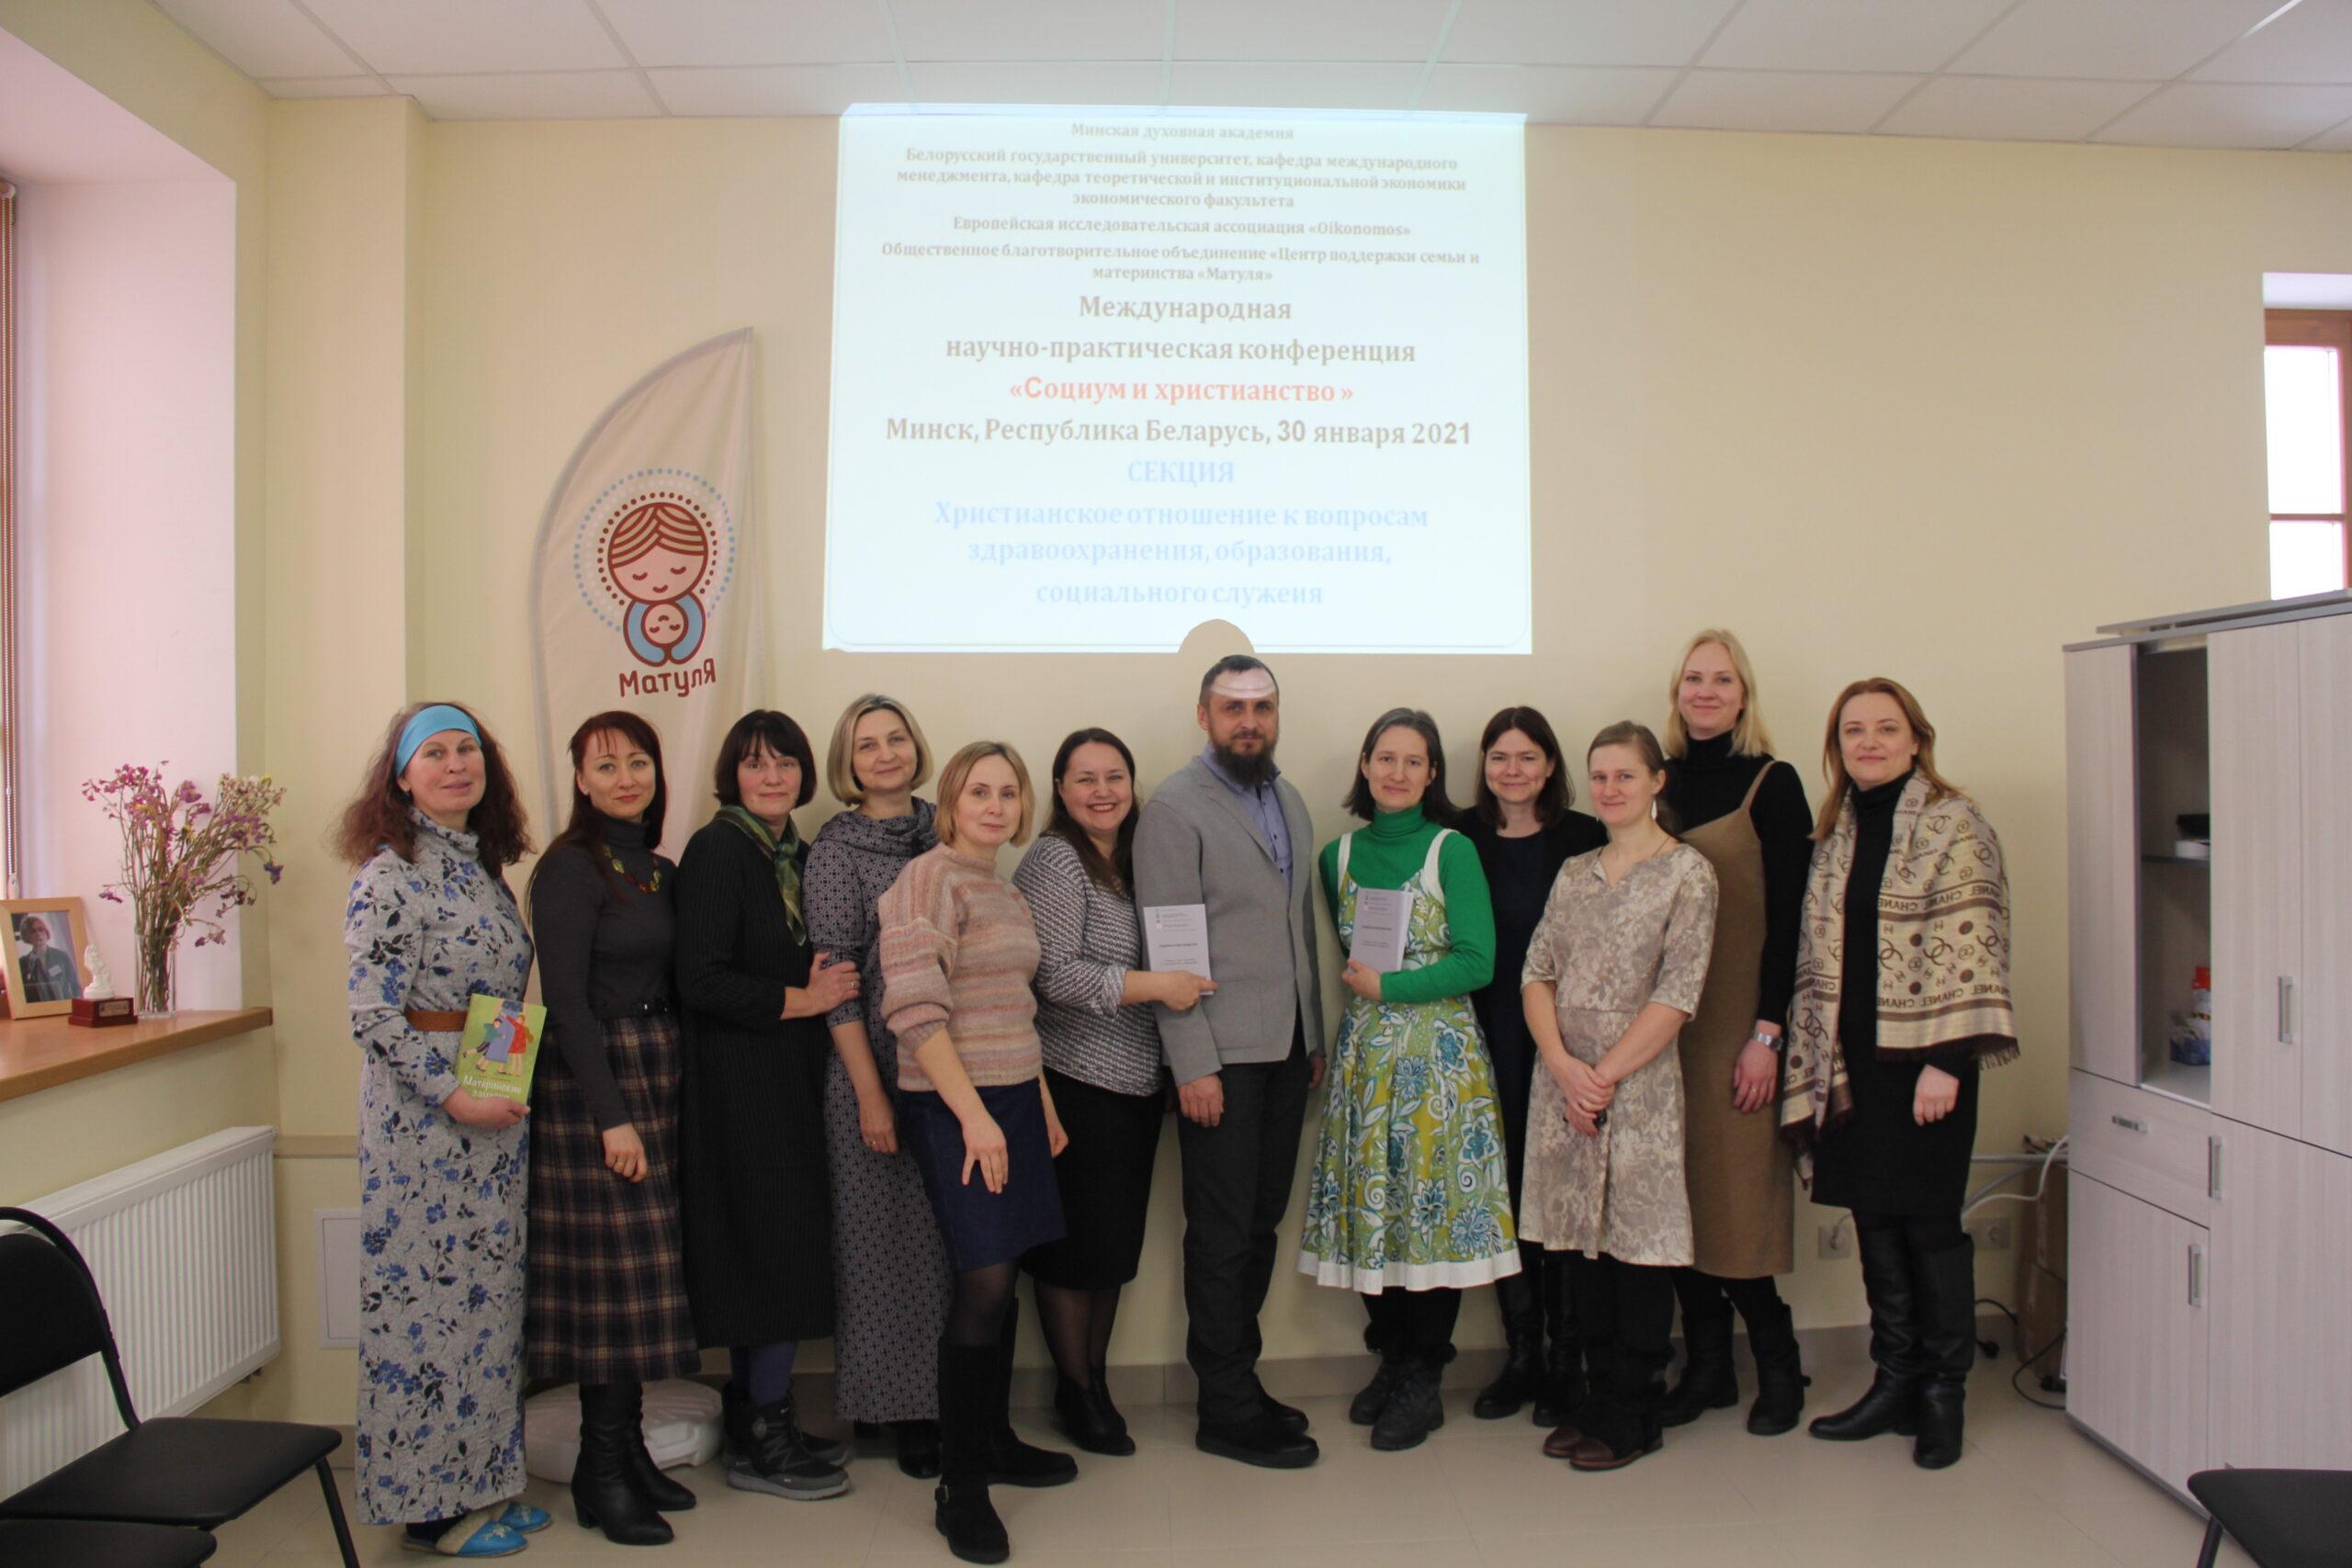 О работе пролайф-секции международной конференции «Социум и христианство»